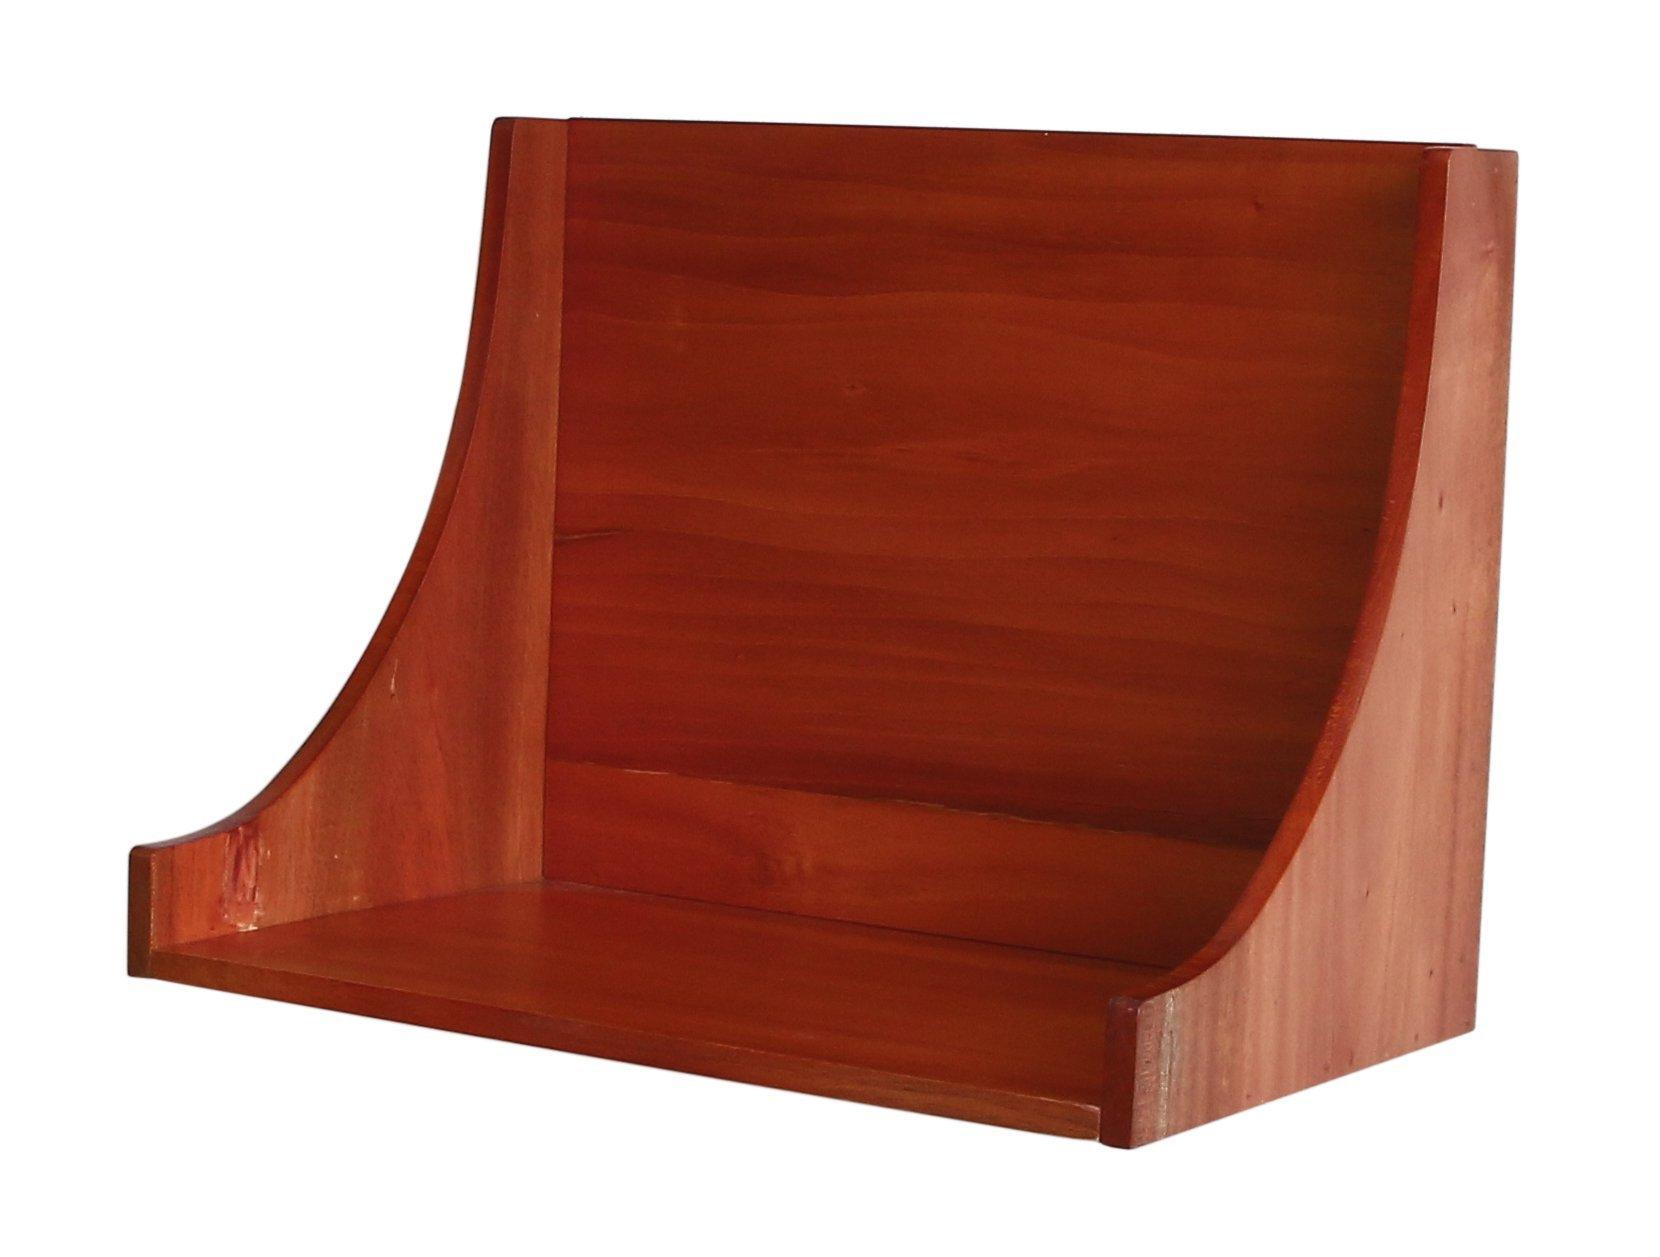 壁美人 マホガニー ホチキスで取付壁掛け家具 シェルフ42L ナチュラル 痕が目立たない MSH42LNA 幅420×奥行265×高さ322mm